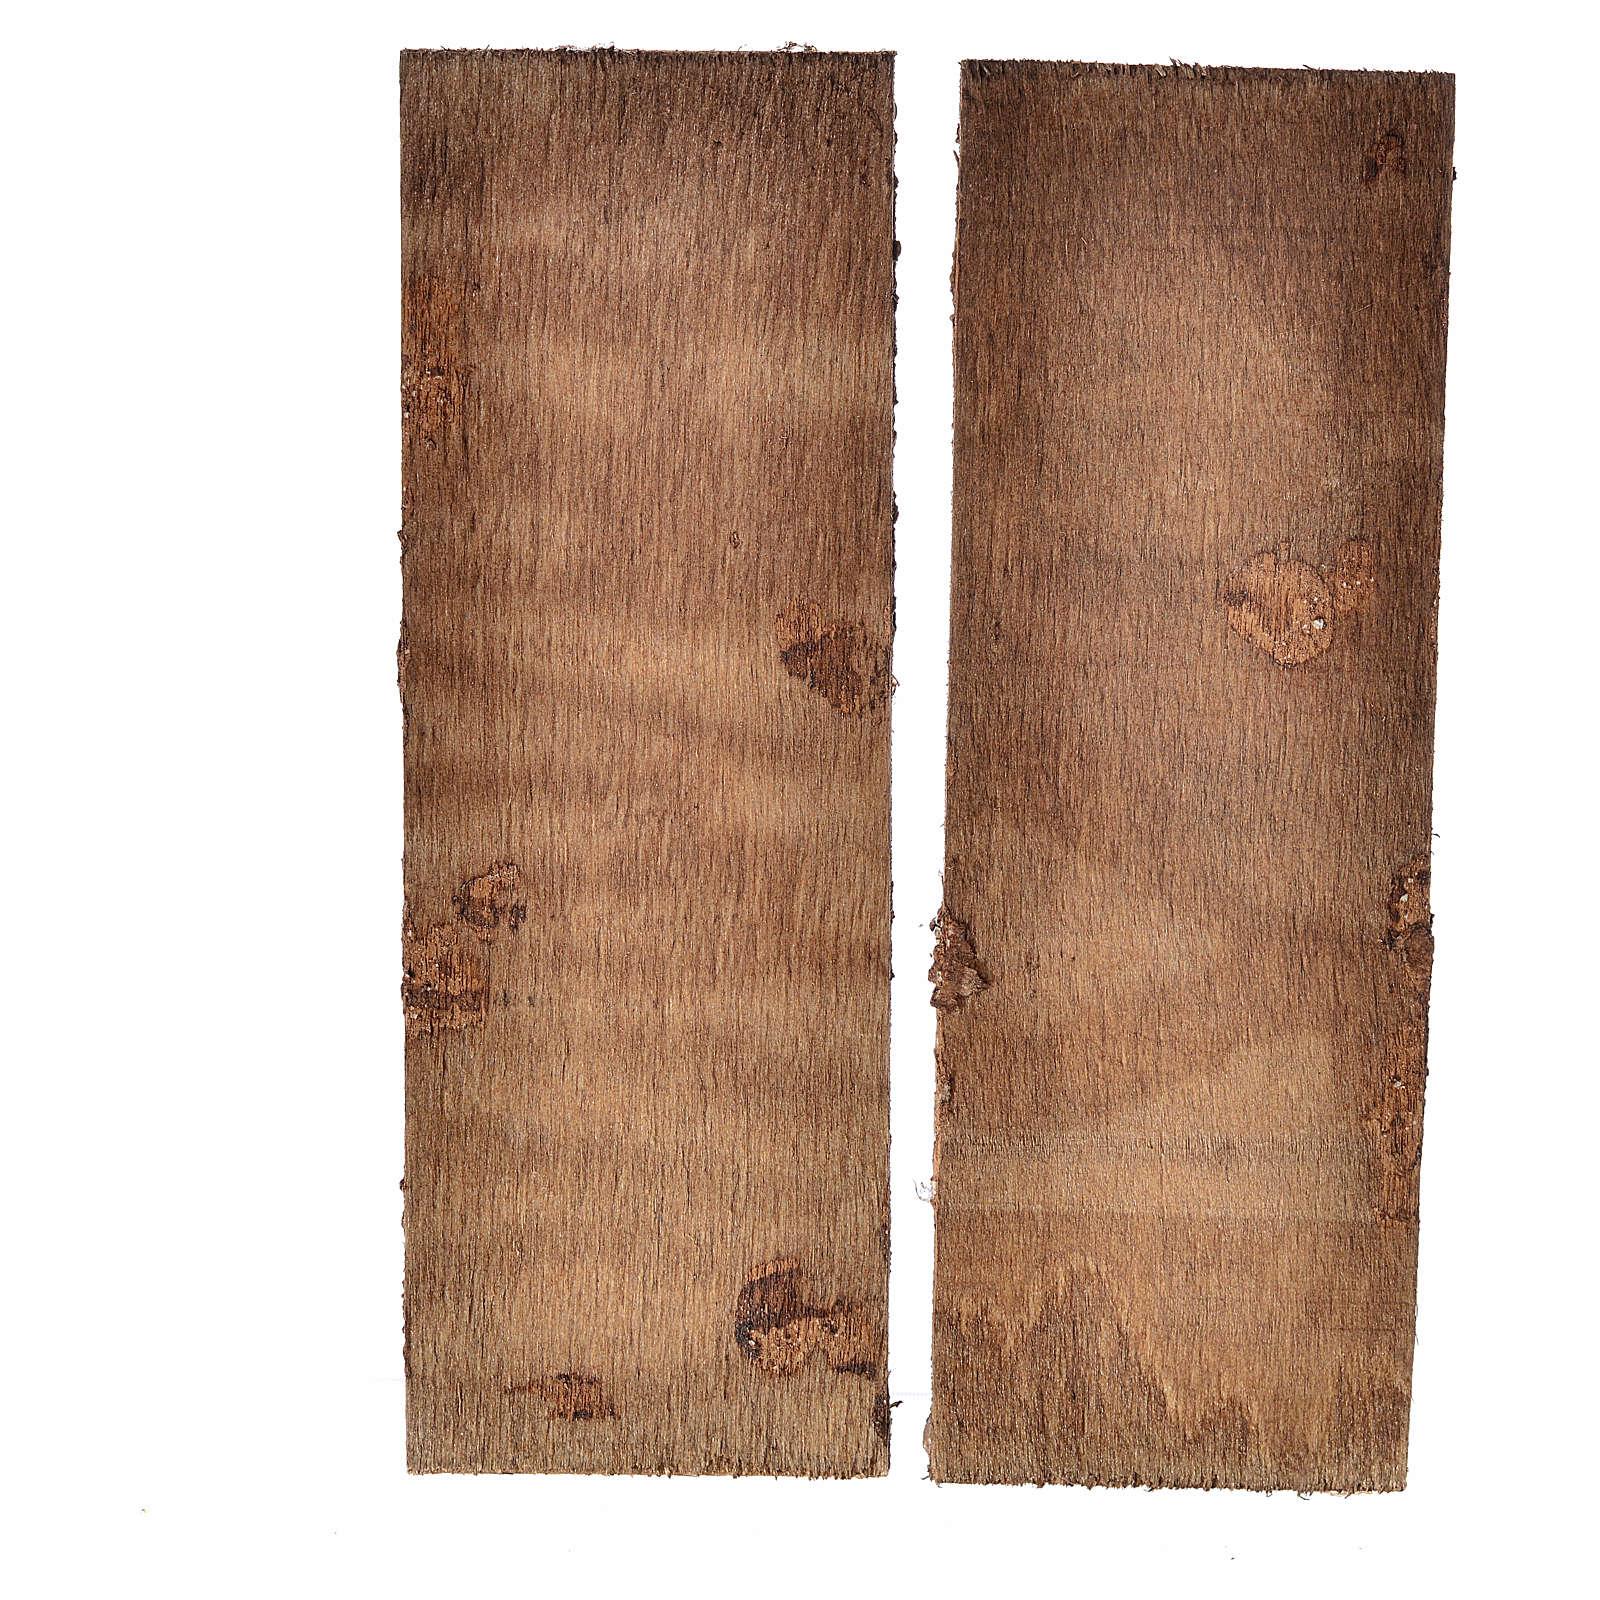 Nativity accessory, double door in wood 12x9cm 4